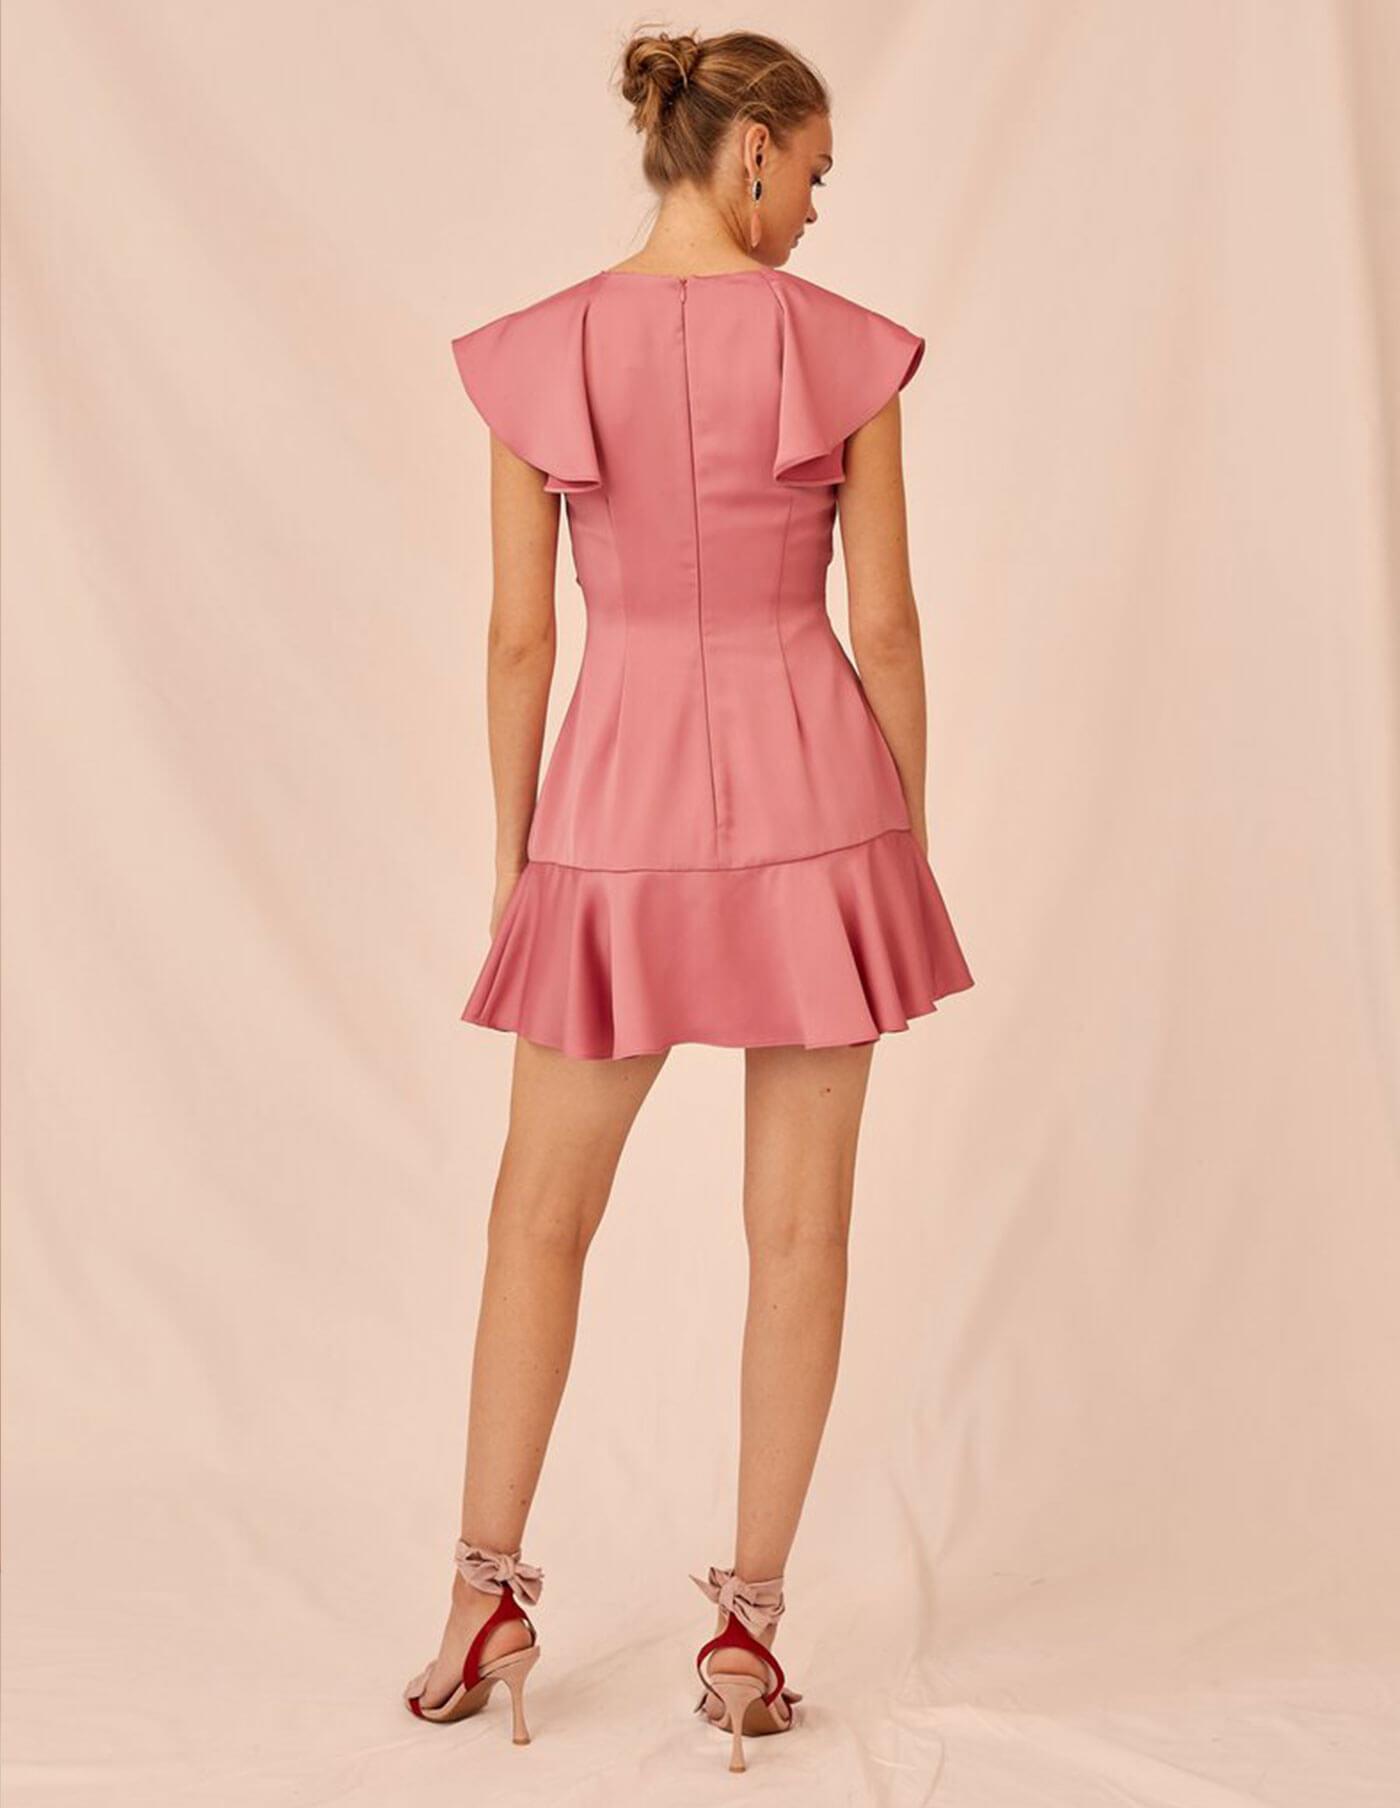 Keepsake Restore Mini Dress In Pop Pink at Storm Fashion